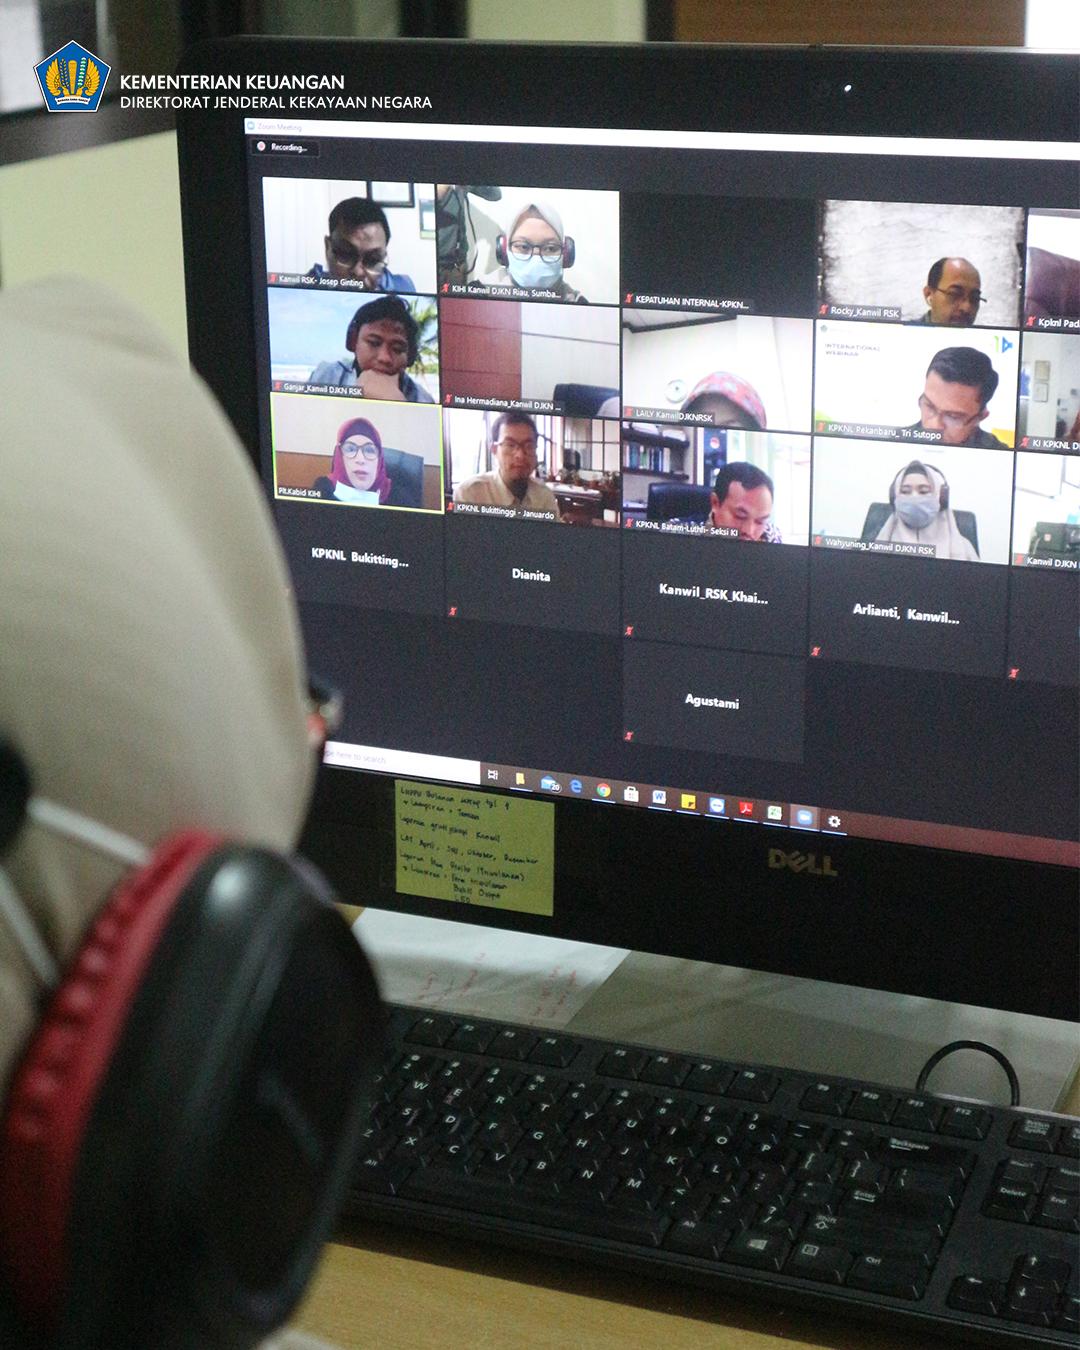 Rapat Penelaahan, Peta Strategi, IKU, Target IKU, Manual IKU, dan IKU Mandatory di Lingkungan Kanwil DJKN Riau, Sumbar, dan Kepri